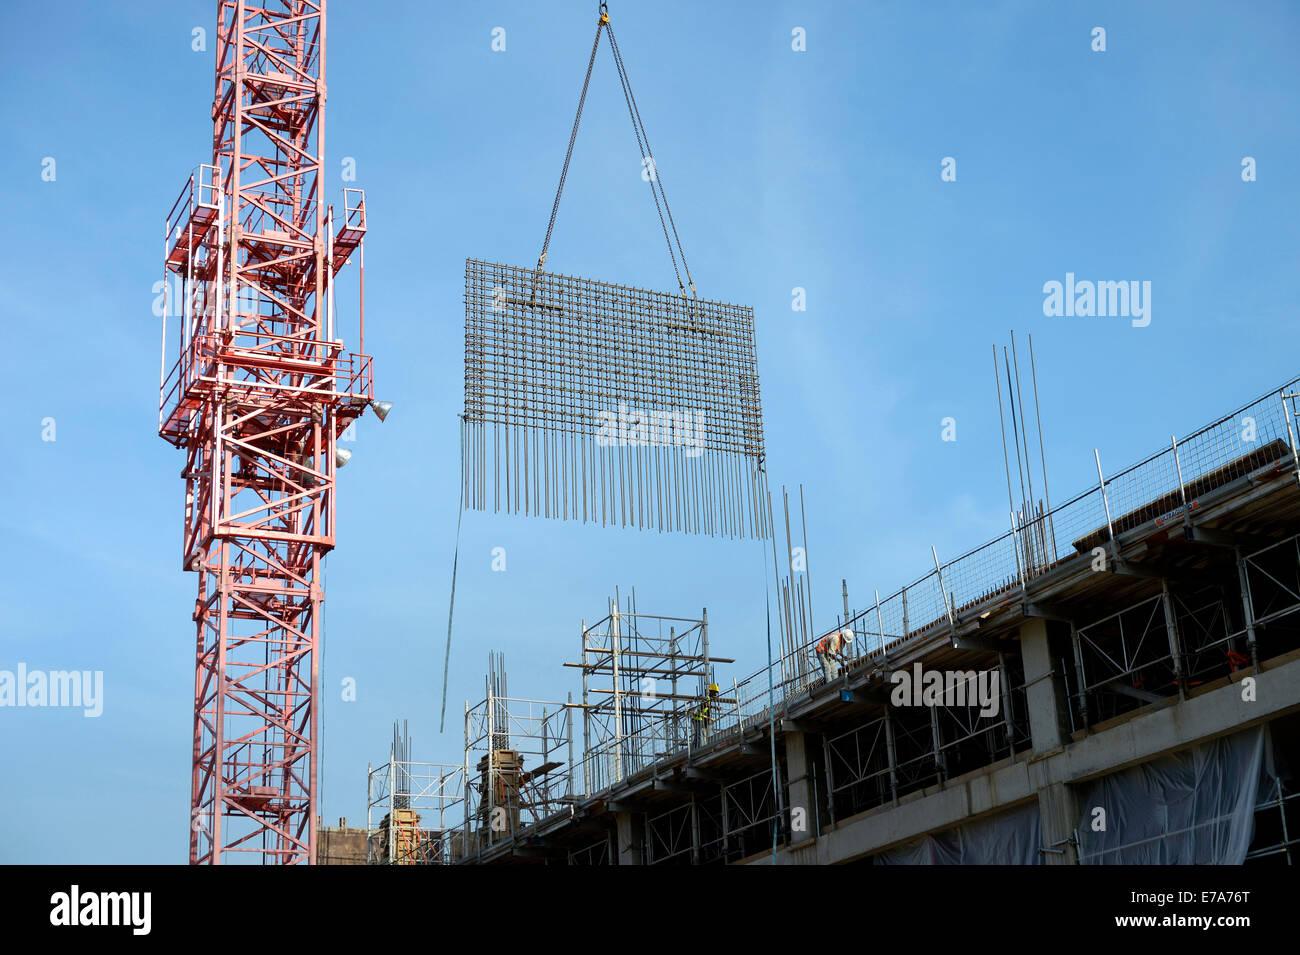 Rebuilding Haiti Stock Photos & Rebuilding Haiti Stock Images - Alamy